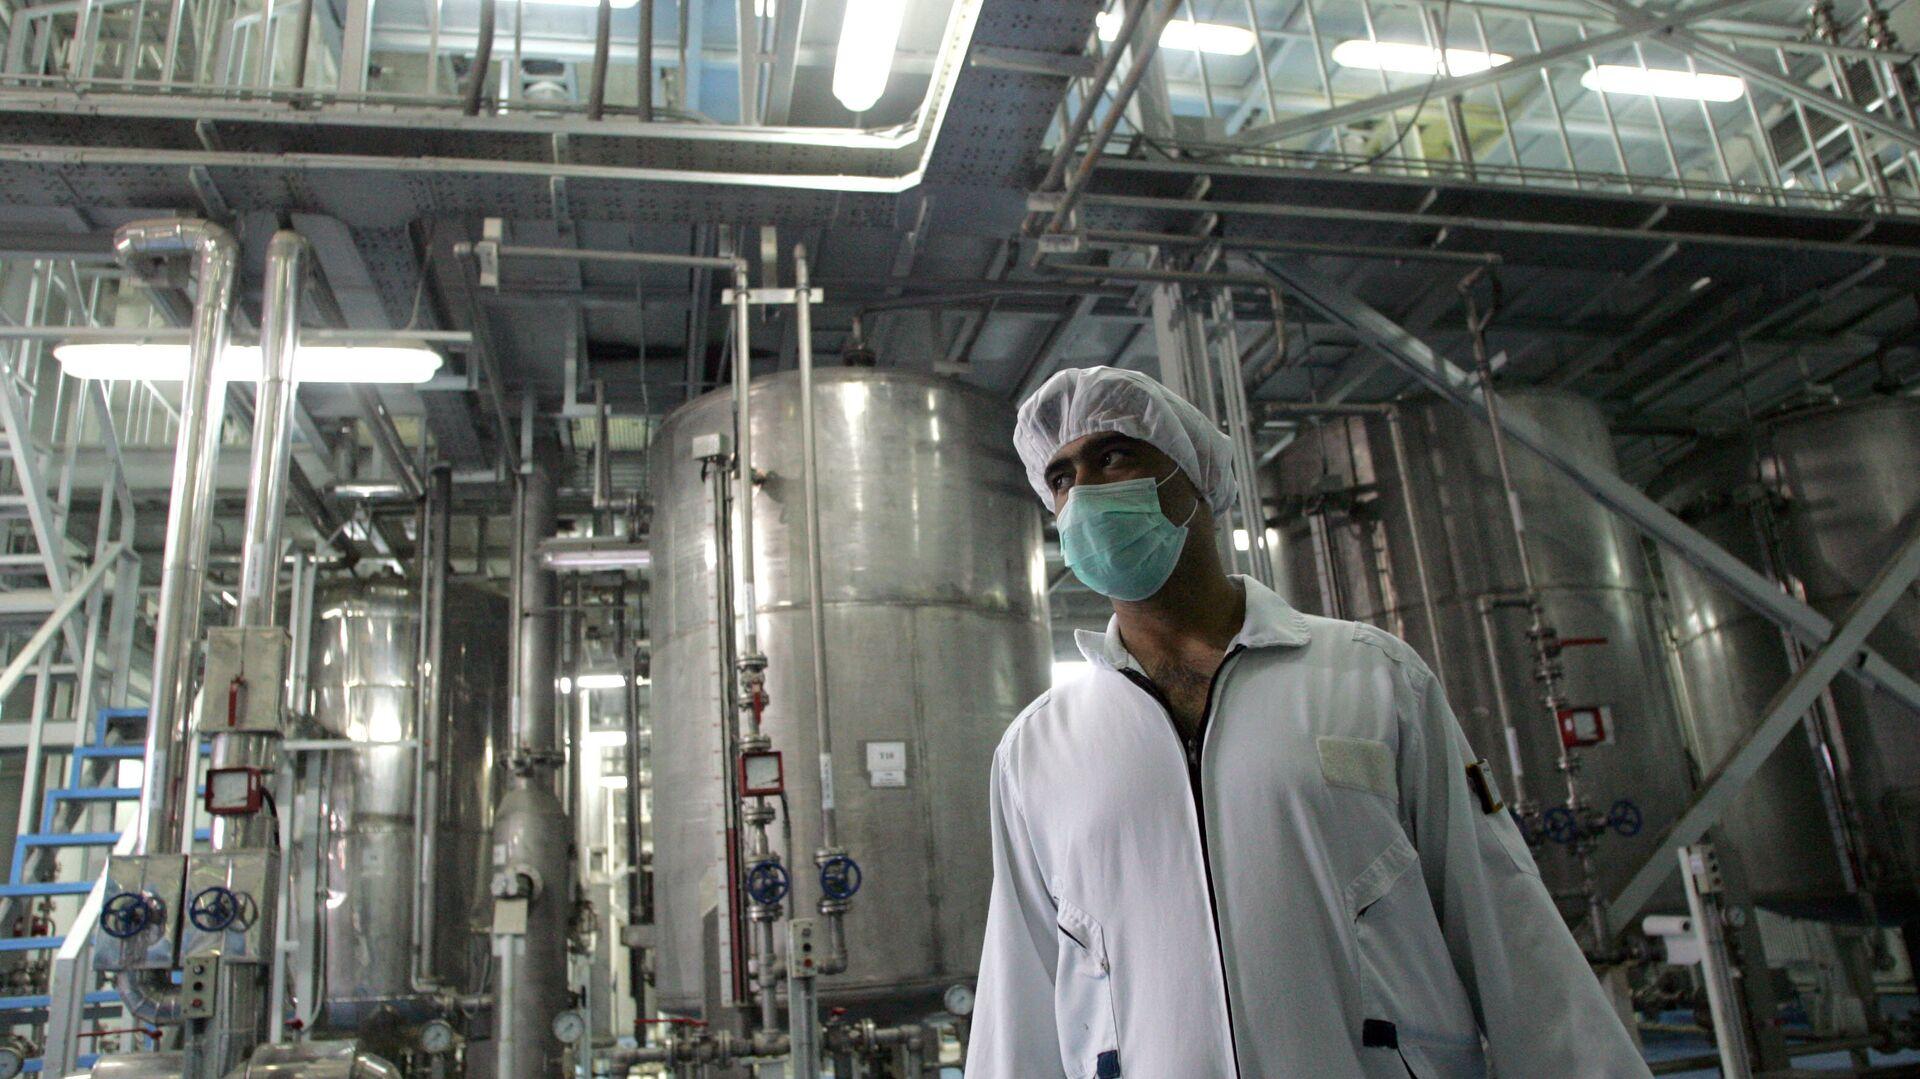 Un tecnólogo iraní en la planta de la conversión nuclear de Isfahan - Sputnik Mundo, 1920, 12.04.2021